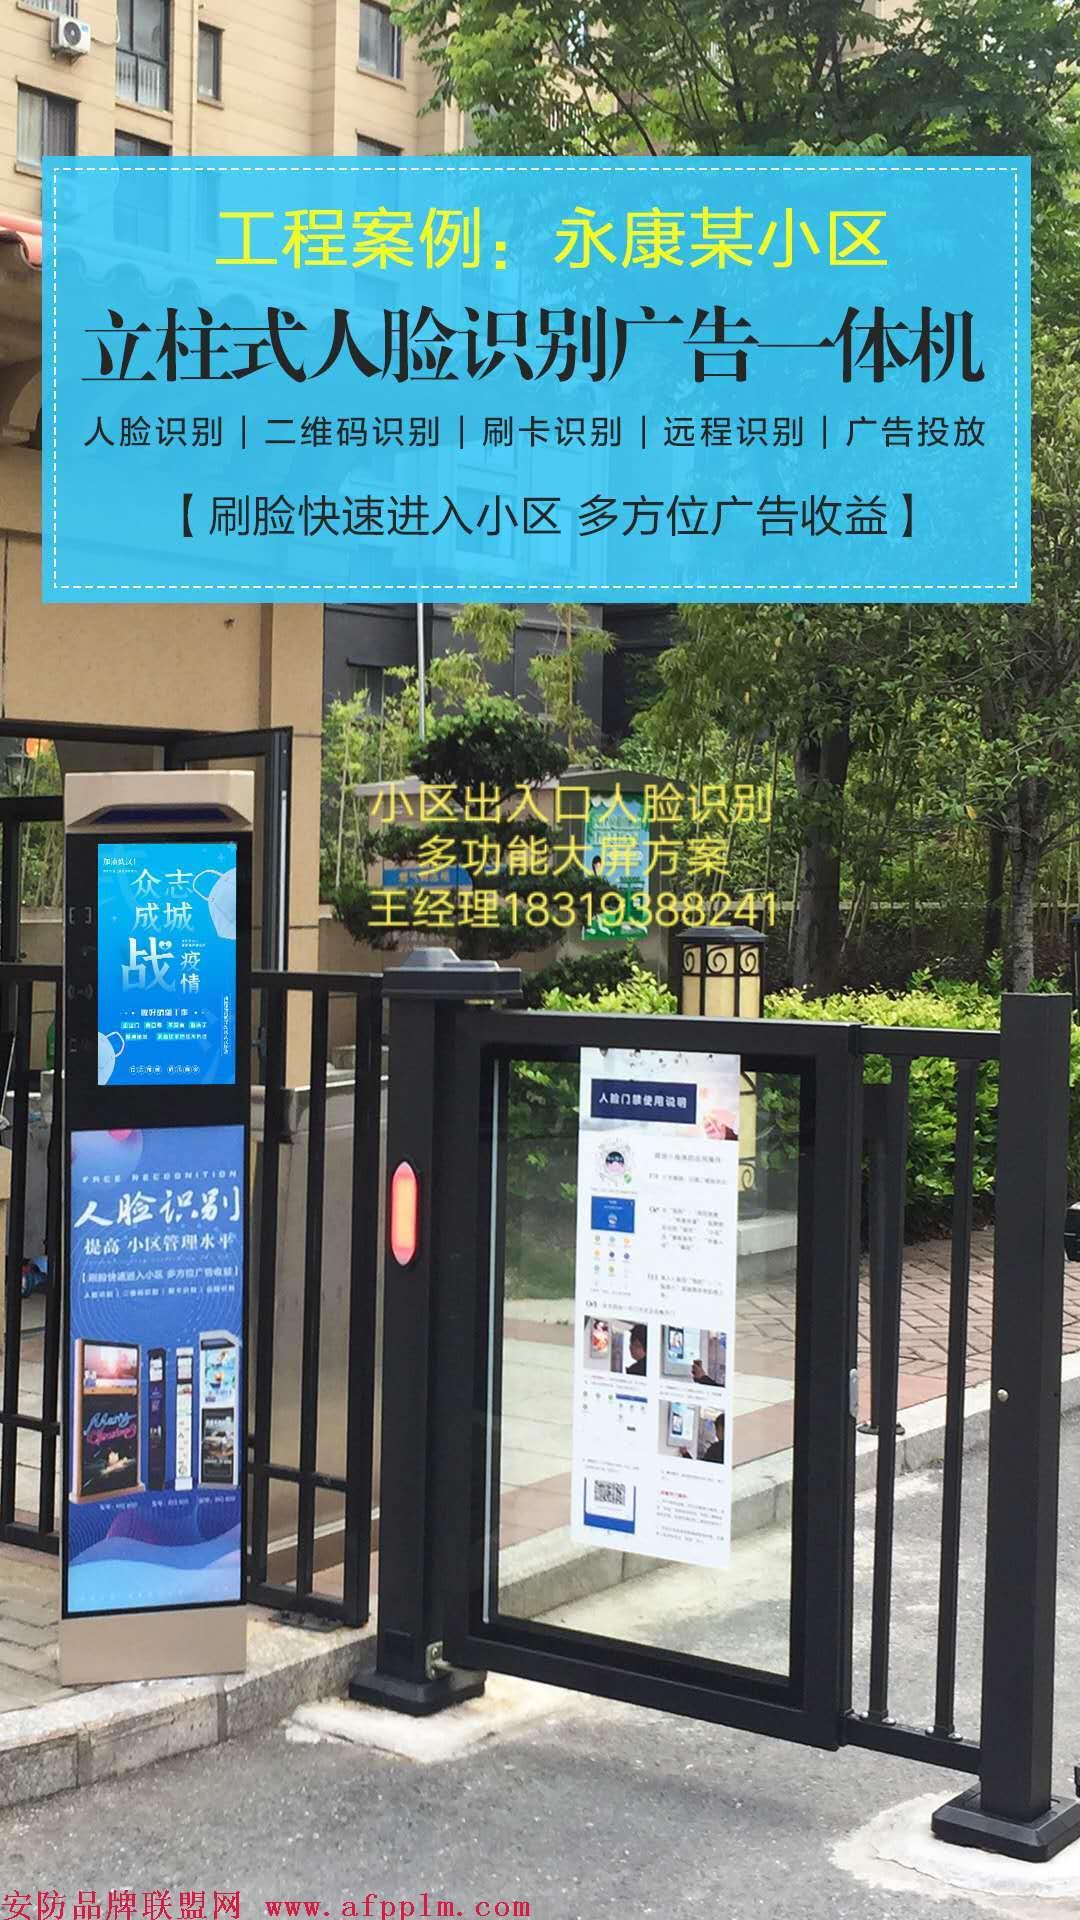 立柱式人脸识别广告一体机-18319388241.jpg